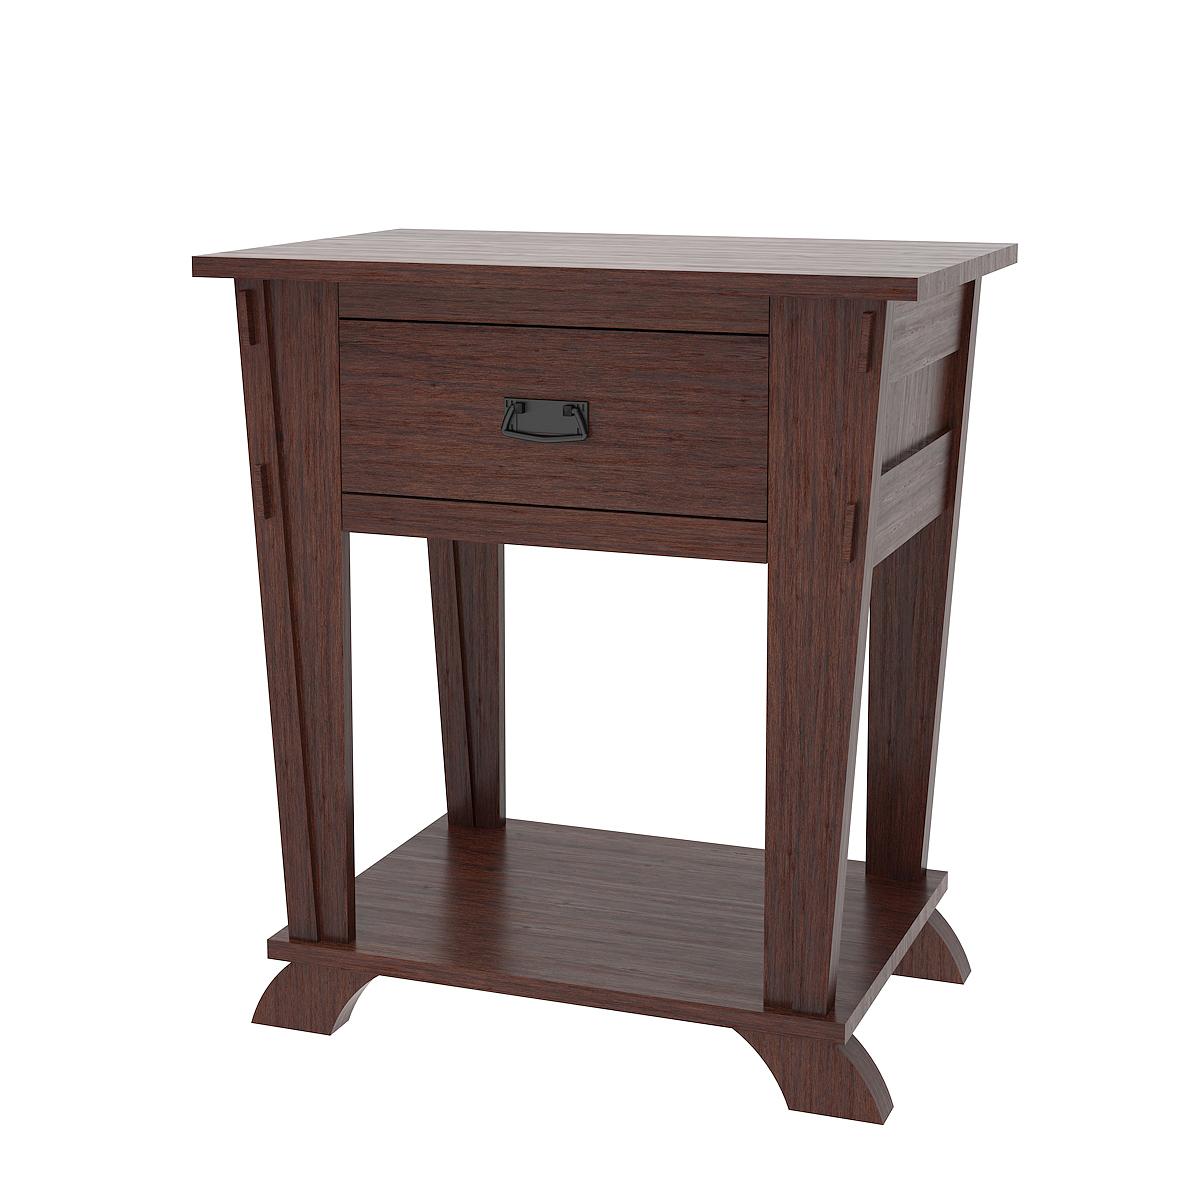 Baroque Nightstand With Shelf Stormy Walnut